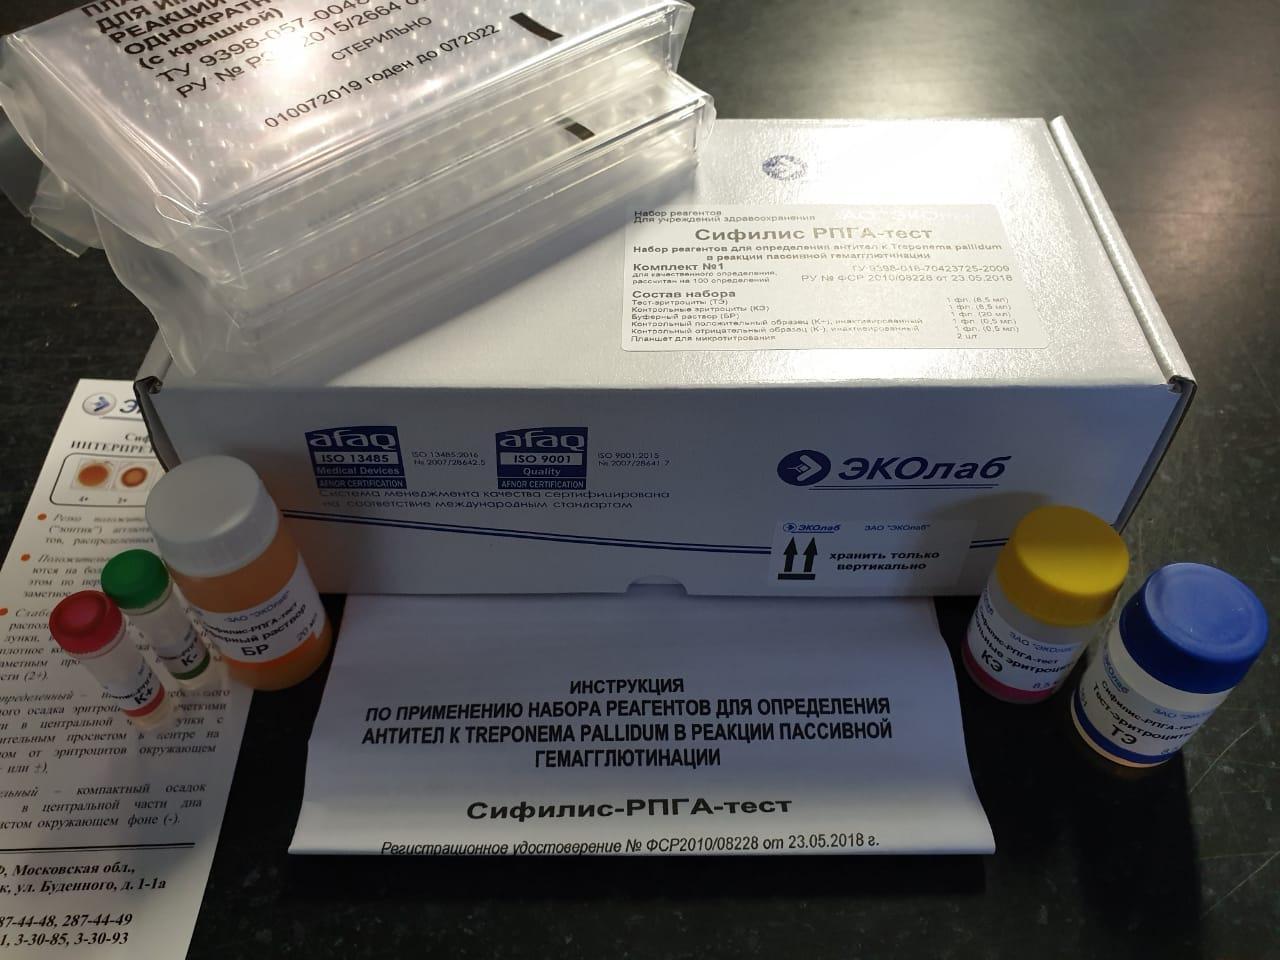 Набор реагентов для определения антител к Treponema pallidum в реакции пассивной гемаггл. (Сифилис-РПГА-тест) - фото 1